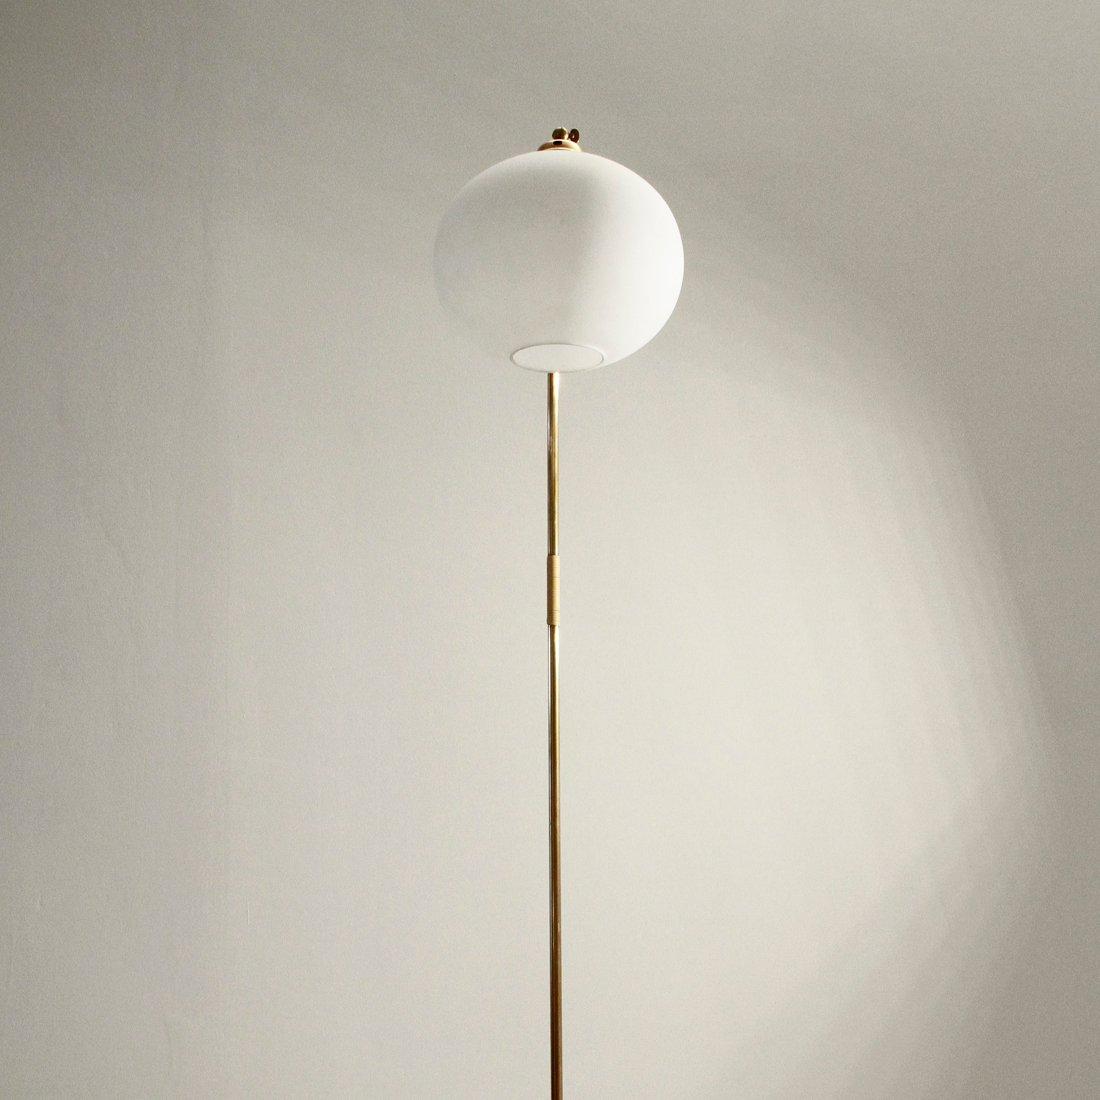 italienische messing stehlampe 1940er bei pamono kaufen. Black Bedroom Furniture Sets. Home Design Ideas